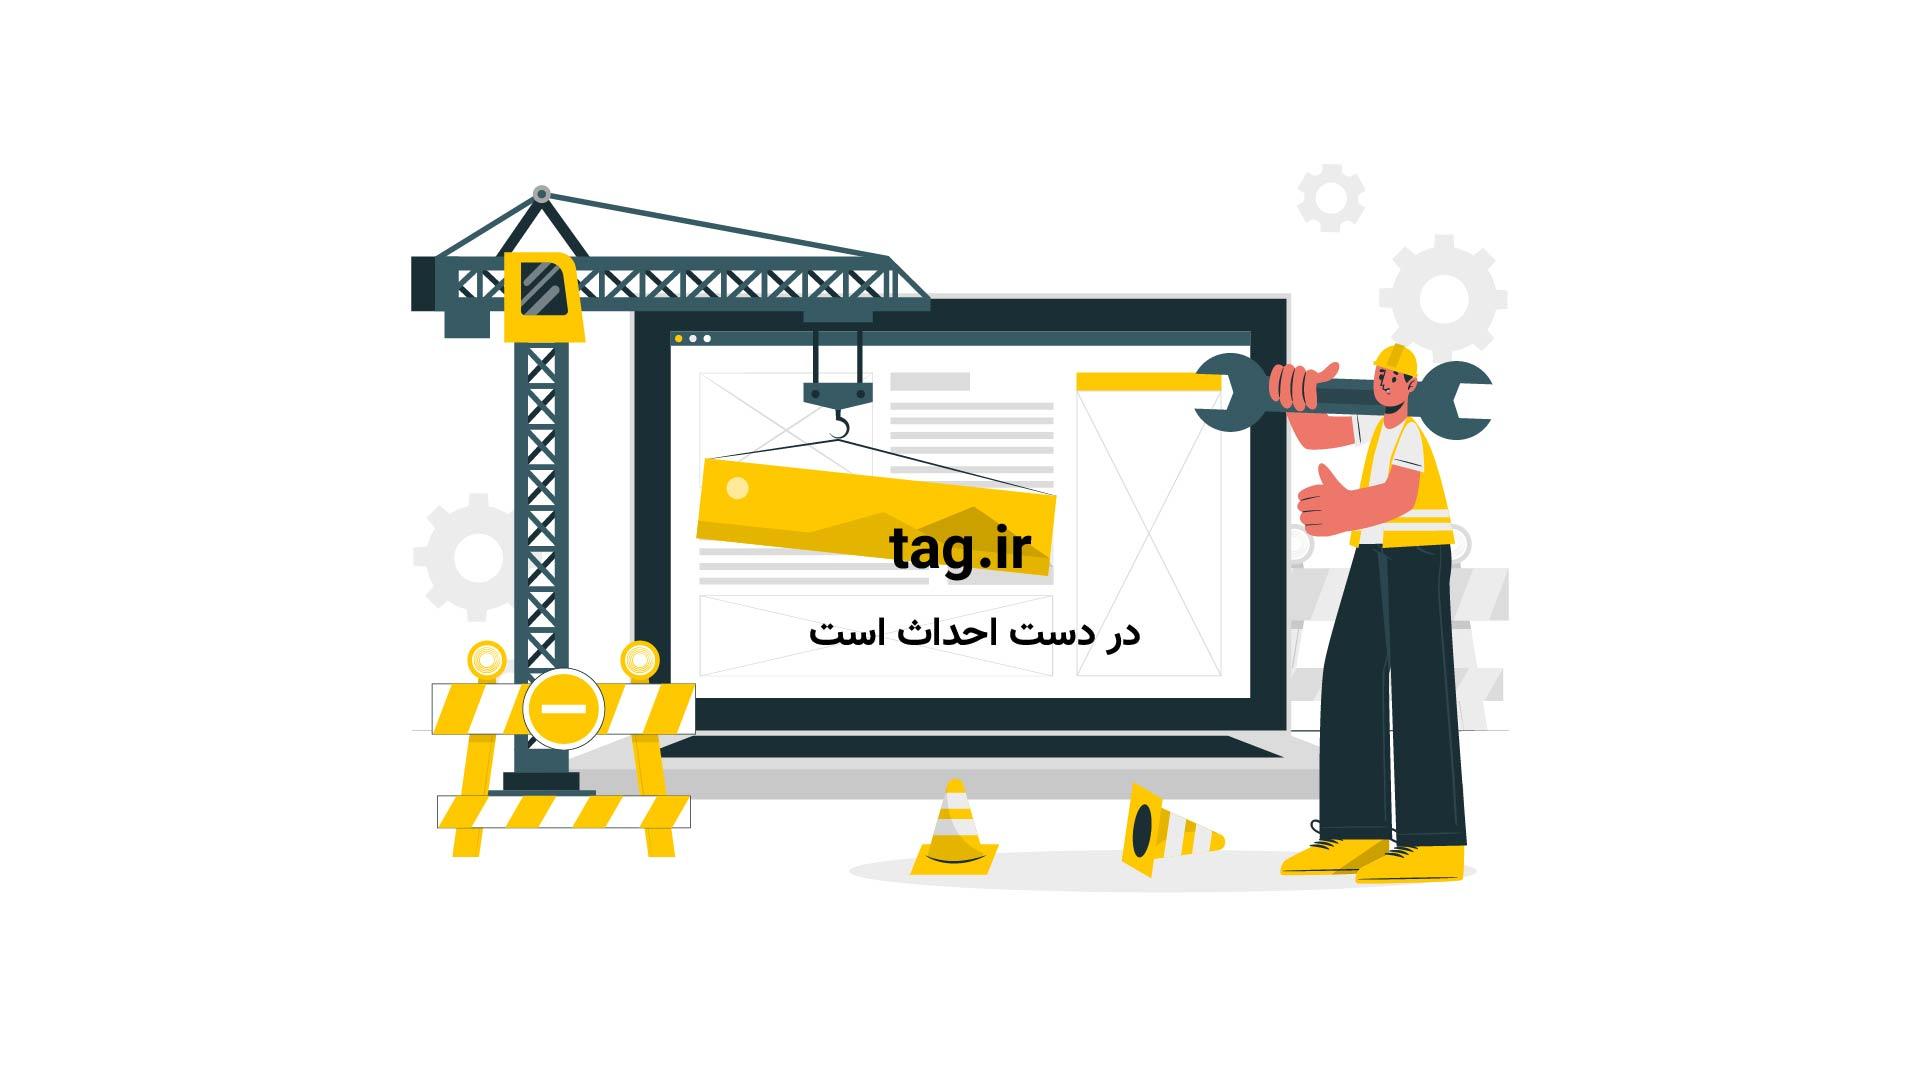 درست کردن شمع رنگین کمانی فقط با مداد شمعی | فیلم